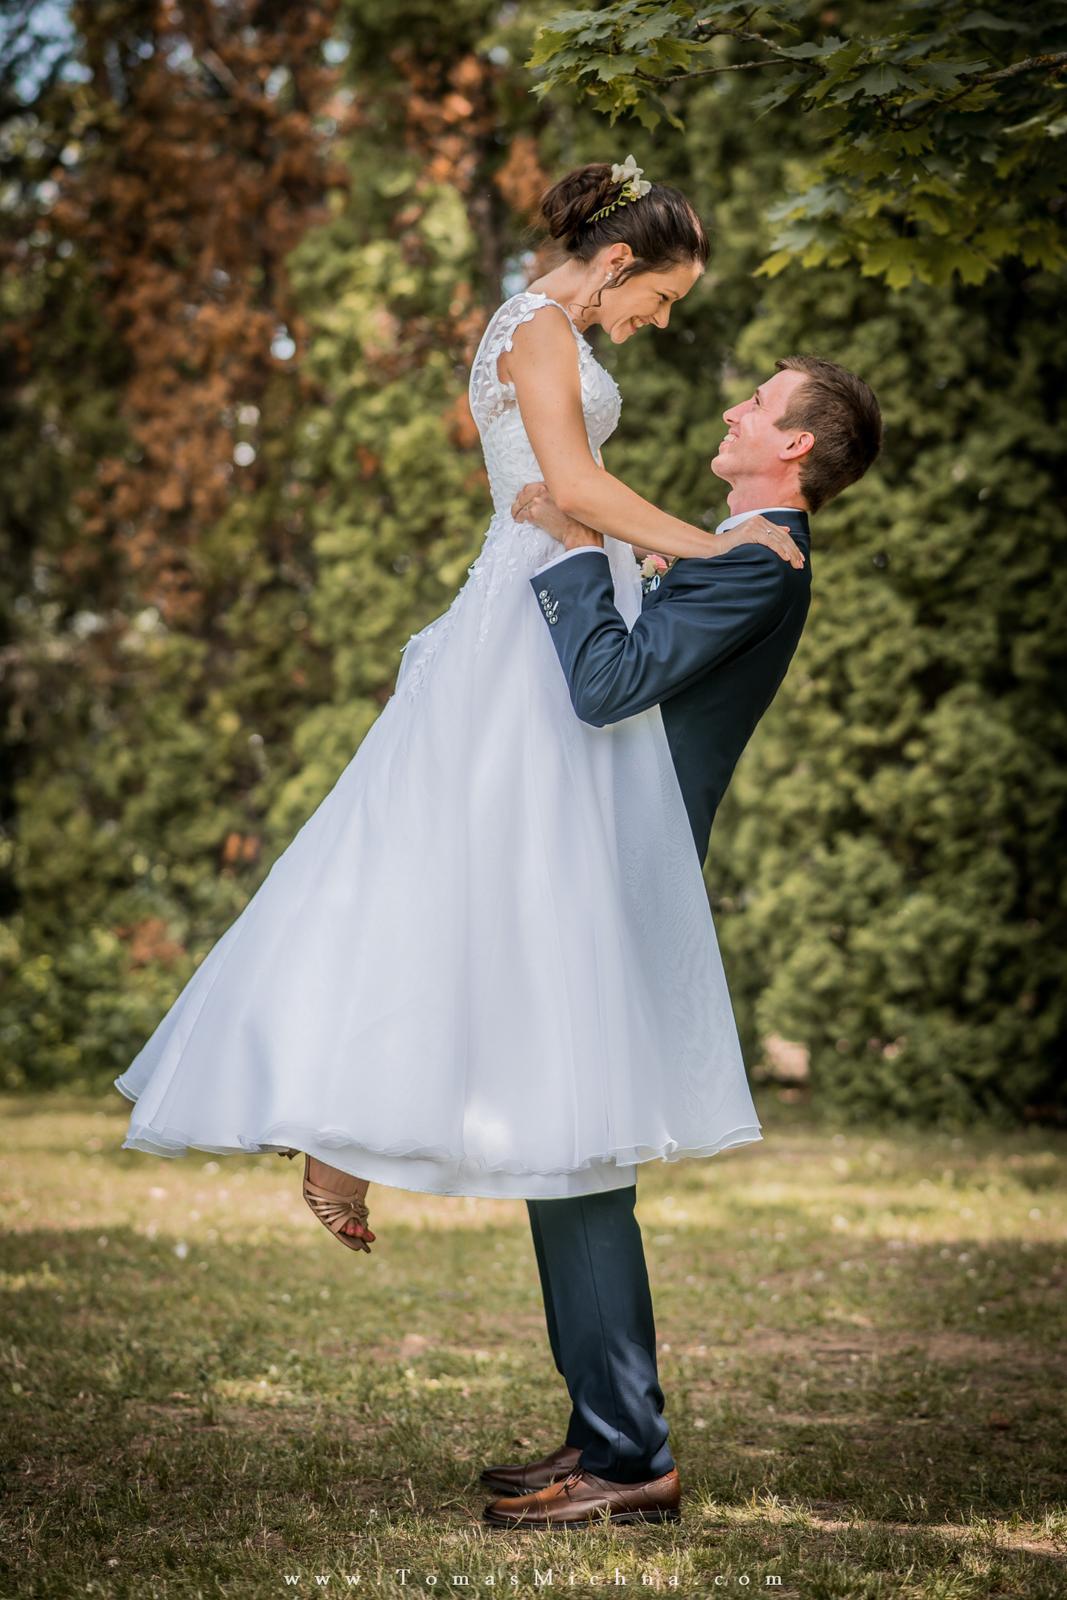 Svatba v Brně ♥ Helča & Martin ♥ 15.6.2019 ♥ - Obrázok č. 5